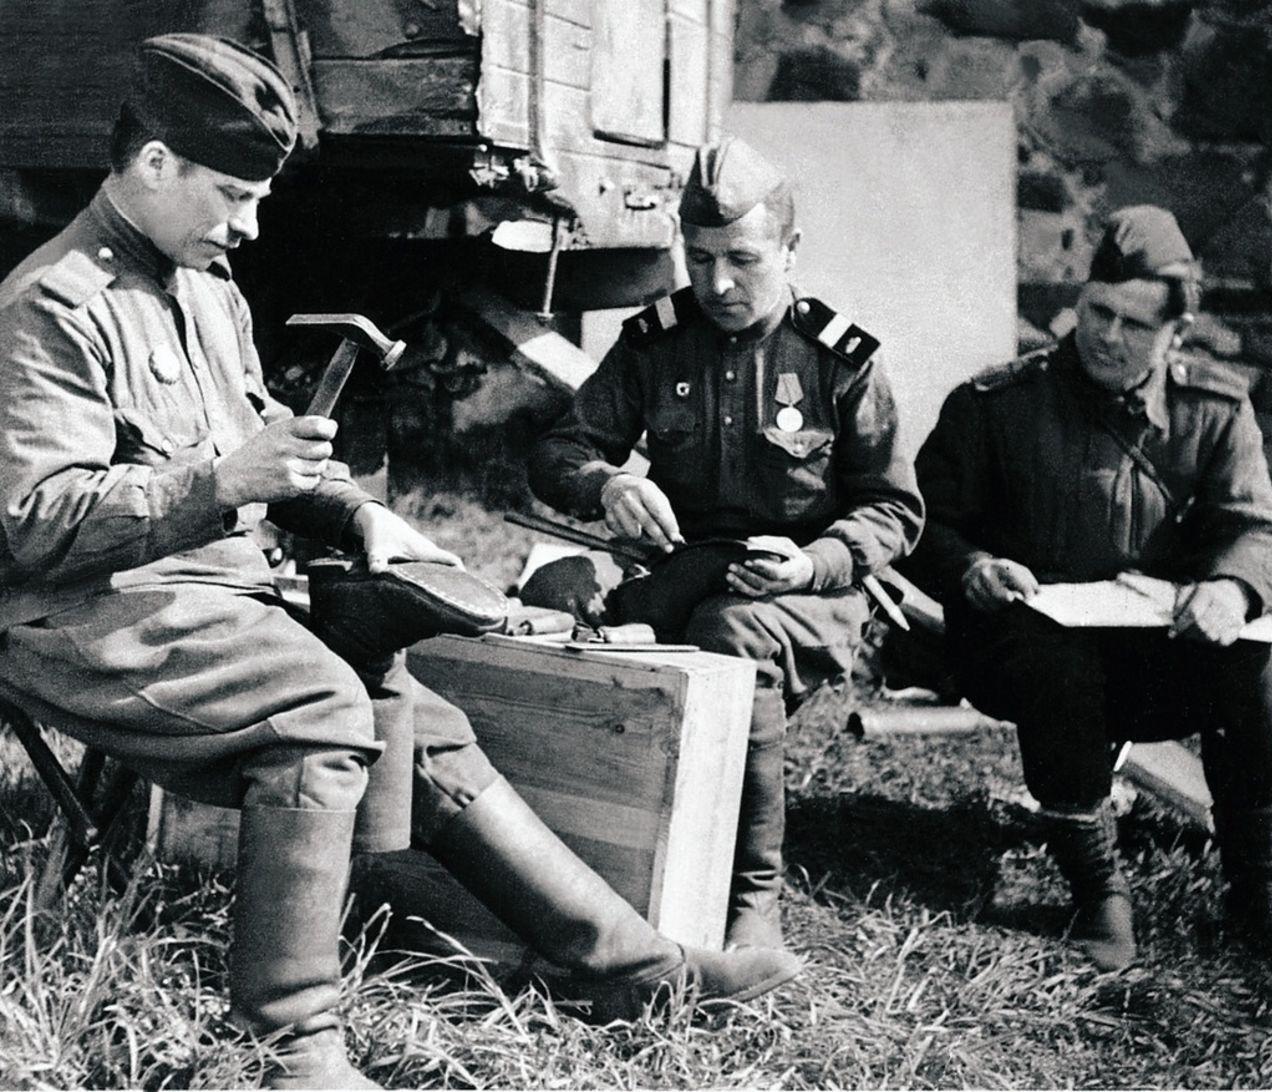 Действующая армия. 63-я гвардейская Челябинская танковая бригада. Походная сапожная мастерская